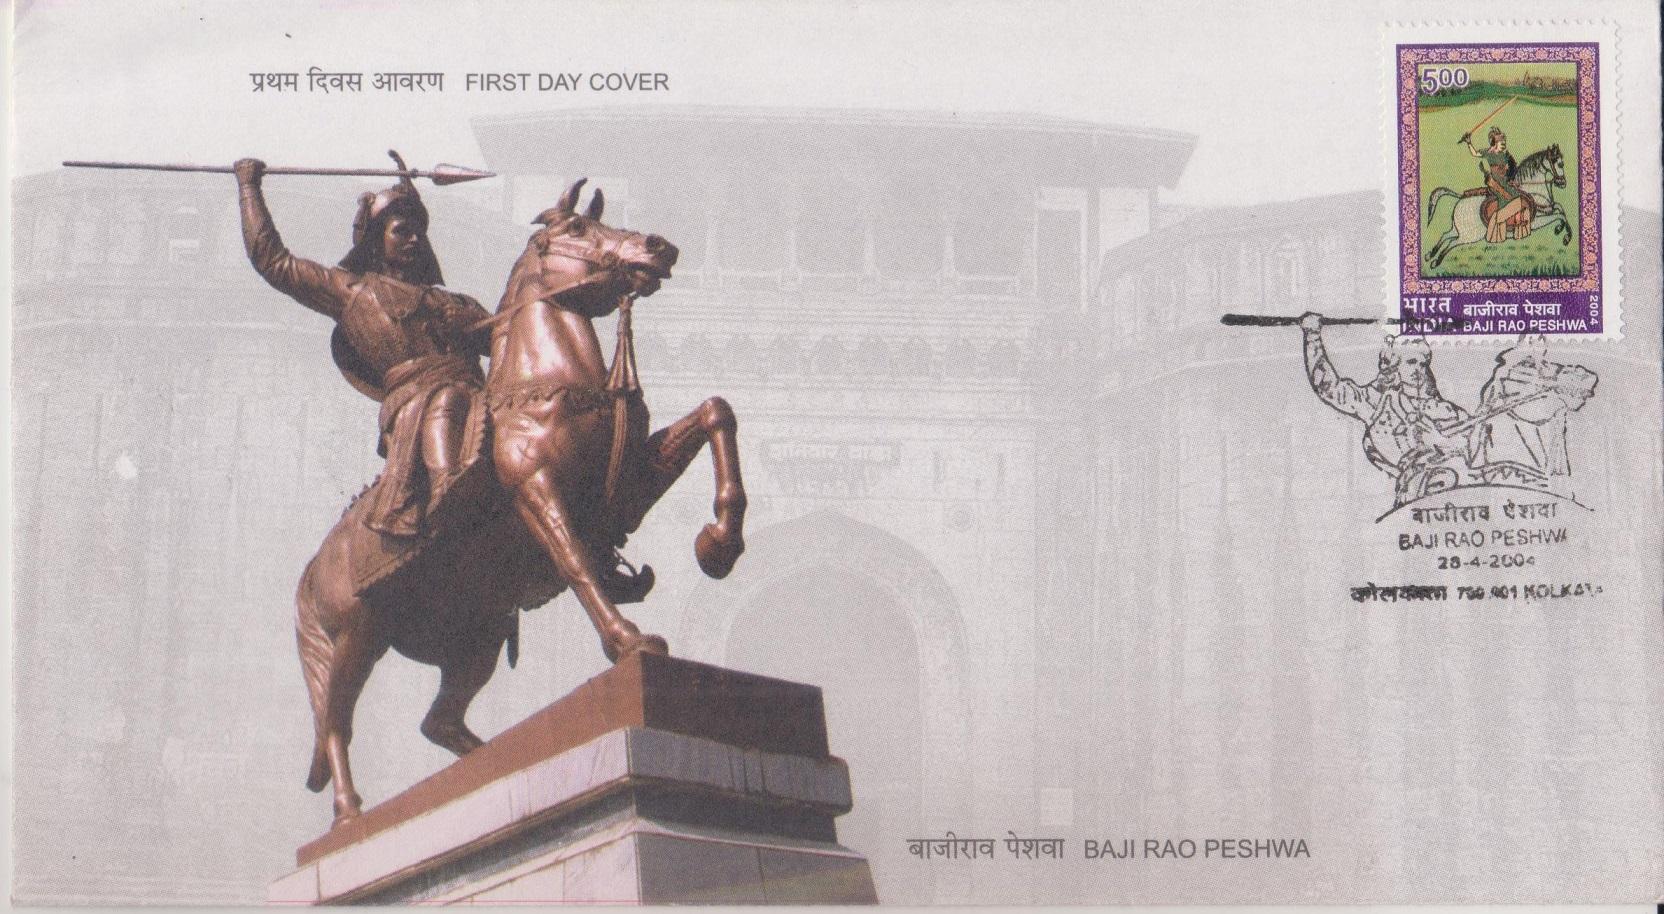 पेशवा बाजीराव बल्लाल (मराठा साम्राज्य)